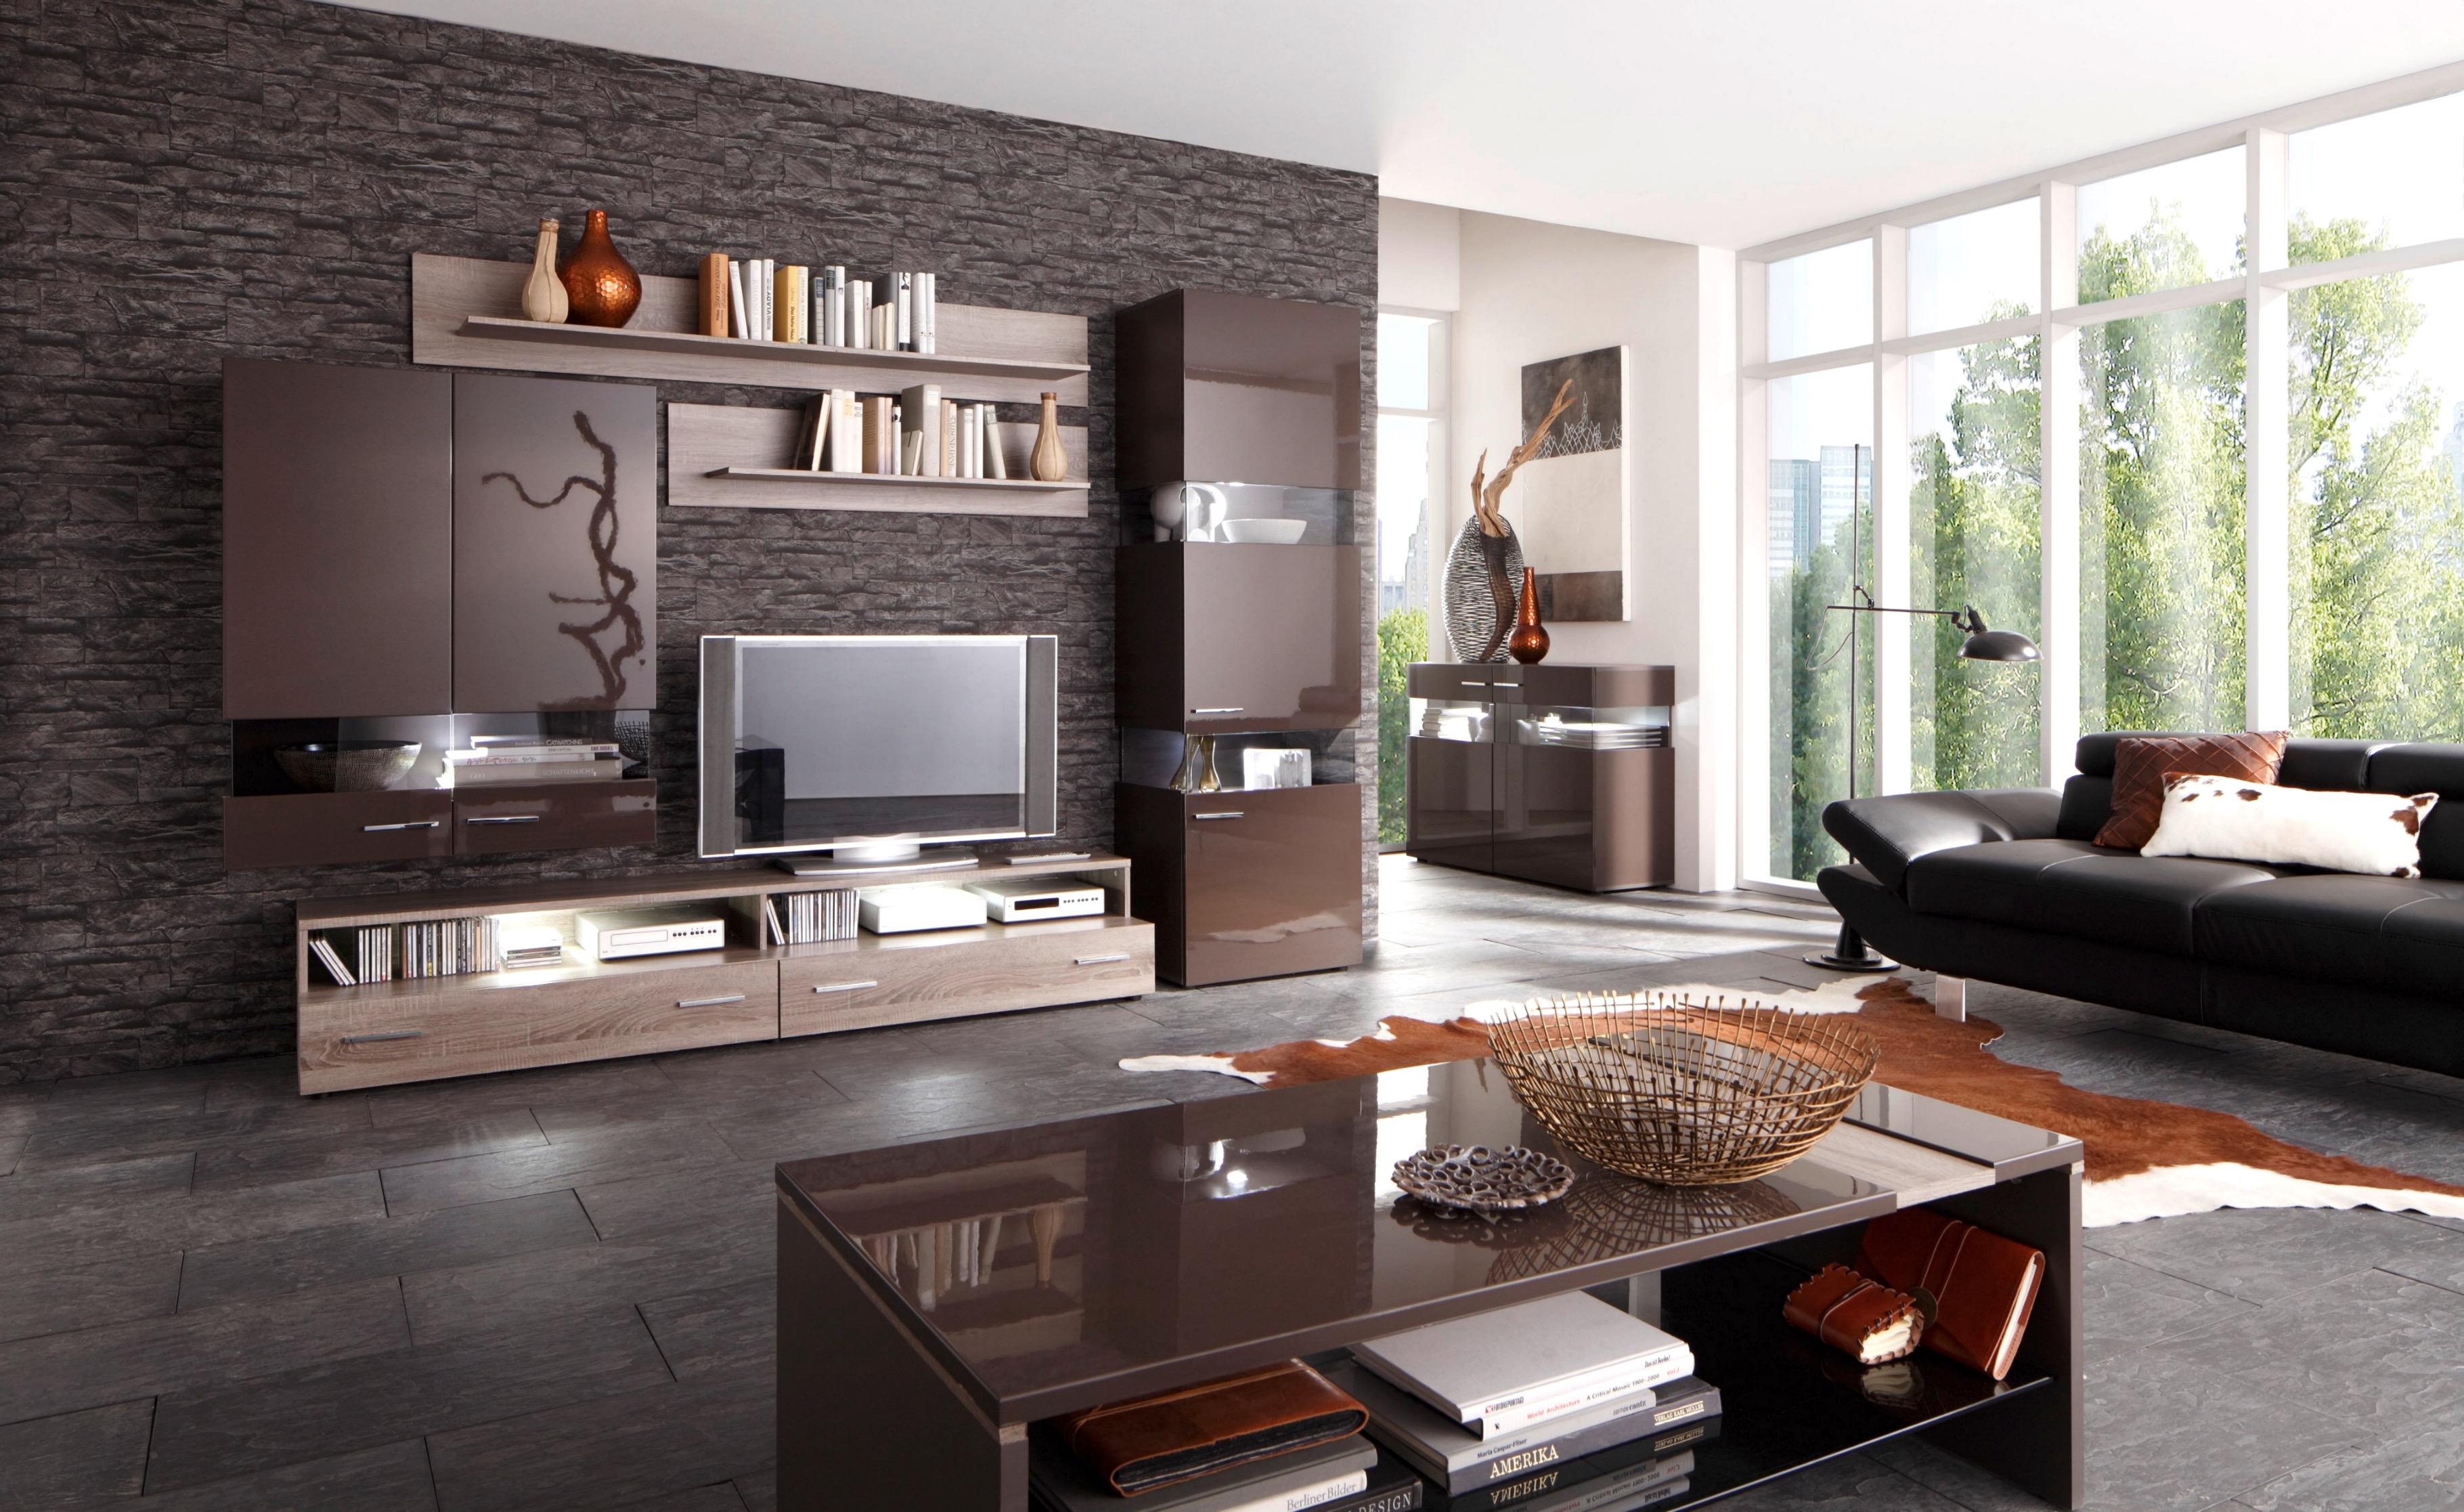 Wohnzimmer Streichen Beeindruckend On Beabsichtigt Ideen Fürs 4